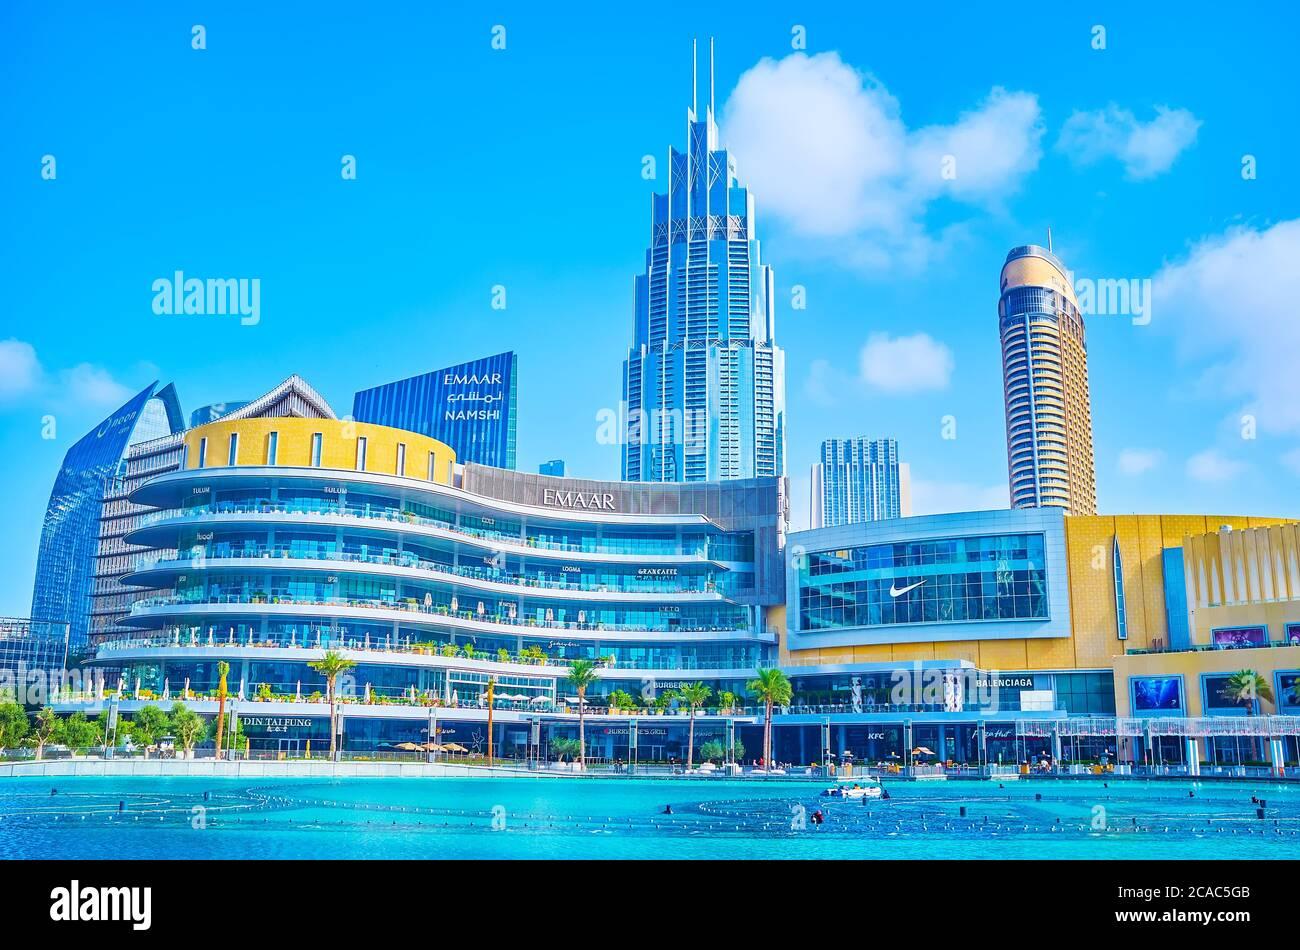 DUBAI, EAU - 3 DE MARZO de 2020: La fachada del centro comercial Dubai Mall con modernos skescrapers y el lago Burj Khalifa en primer plano, el 3 de marzo en Du Foto de stock